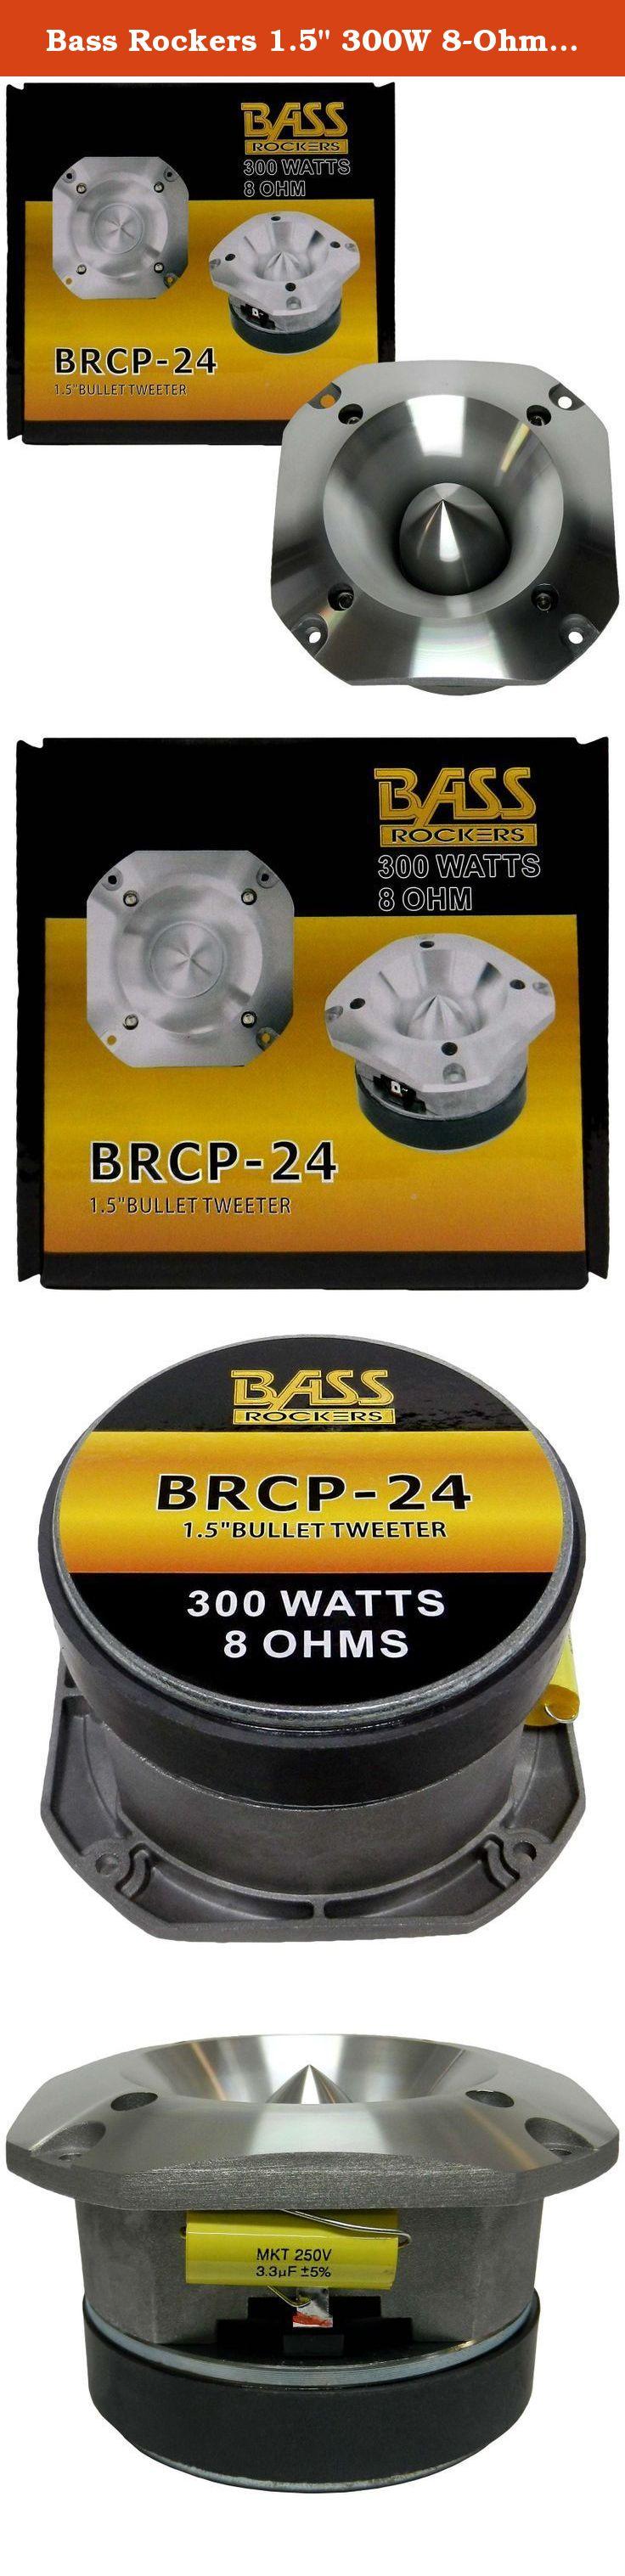 Bass Rockers 1.5 300W 8-Ohm Bullet Tweeter BRCP-24